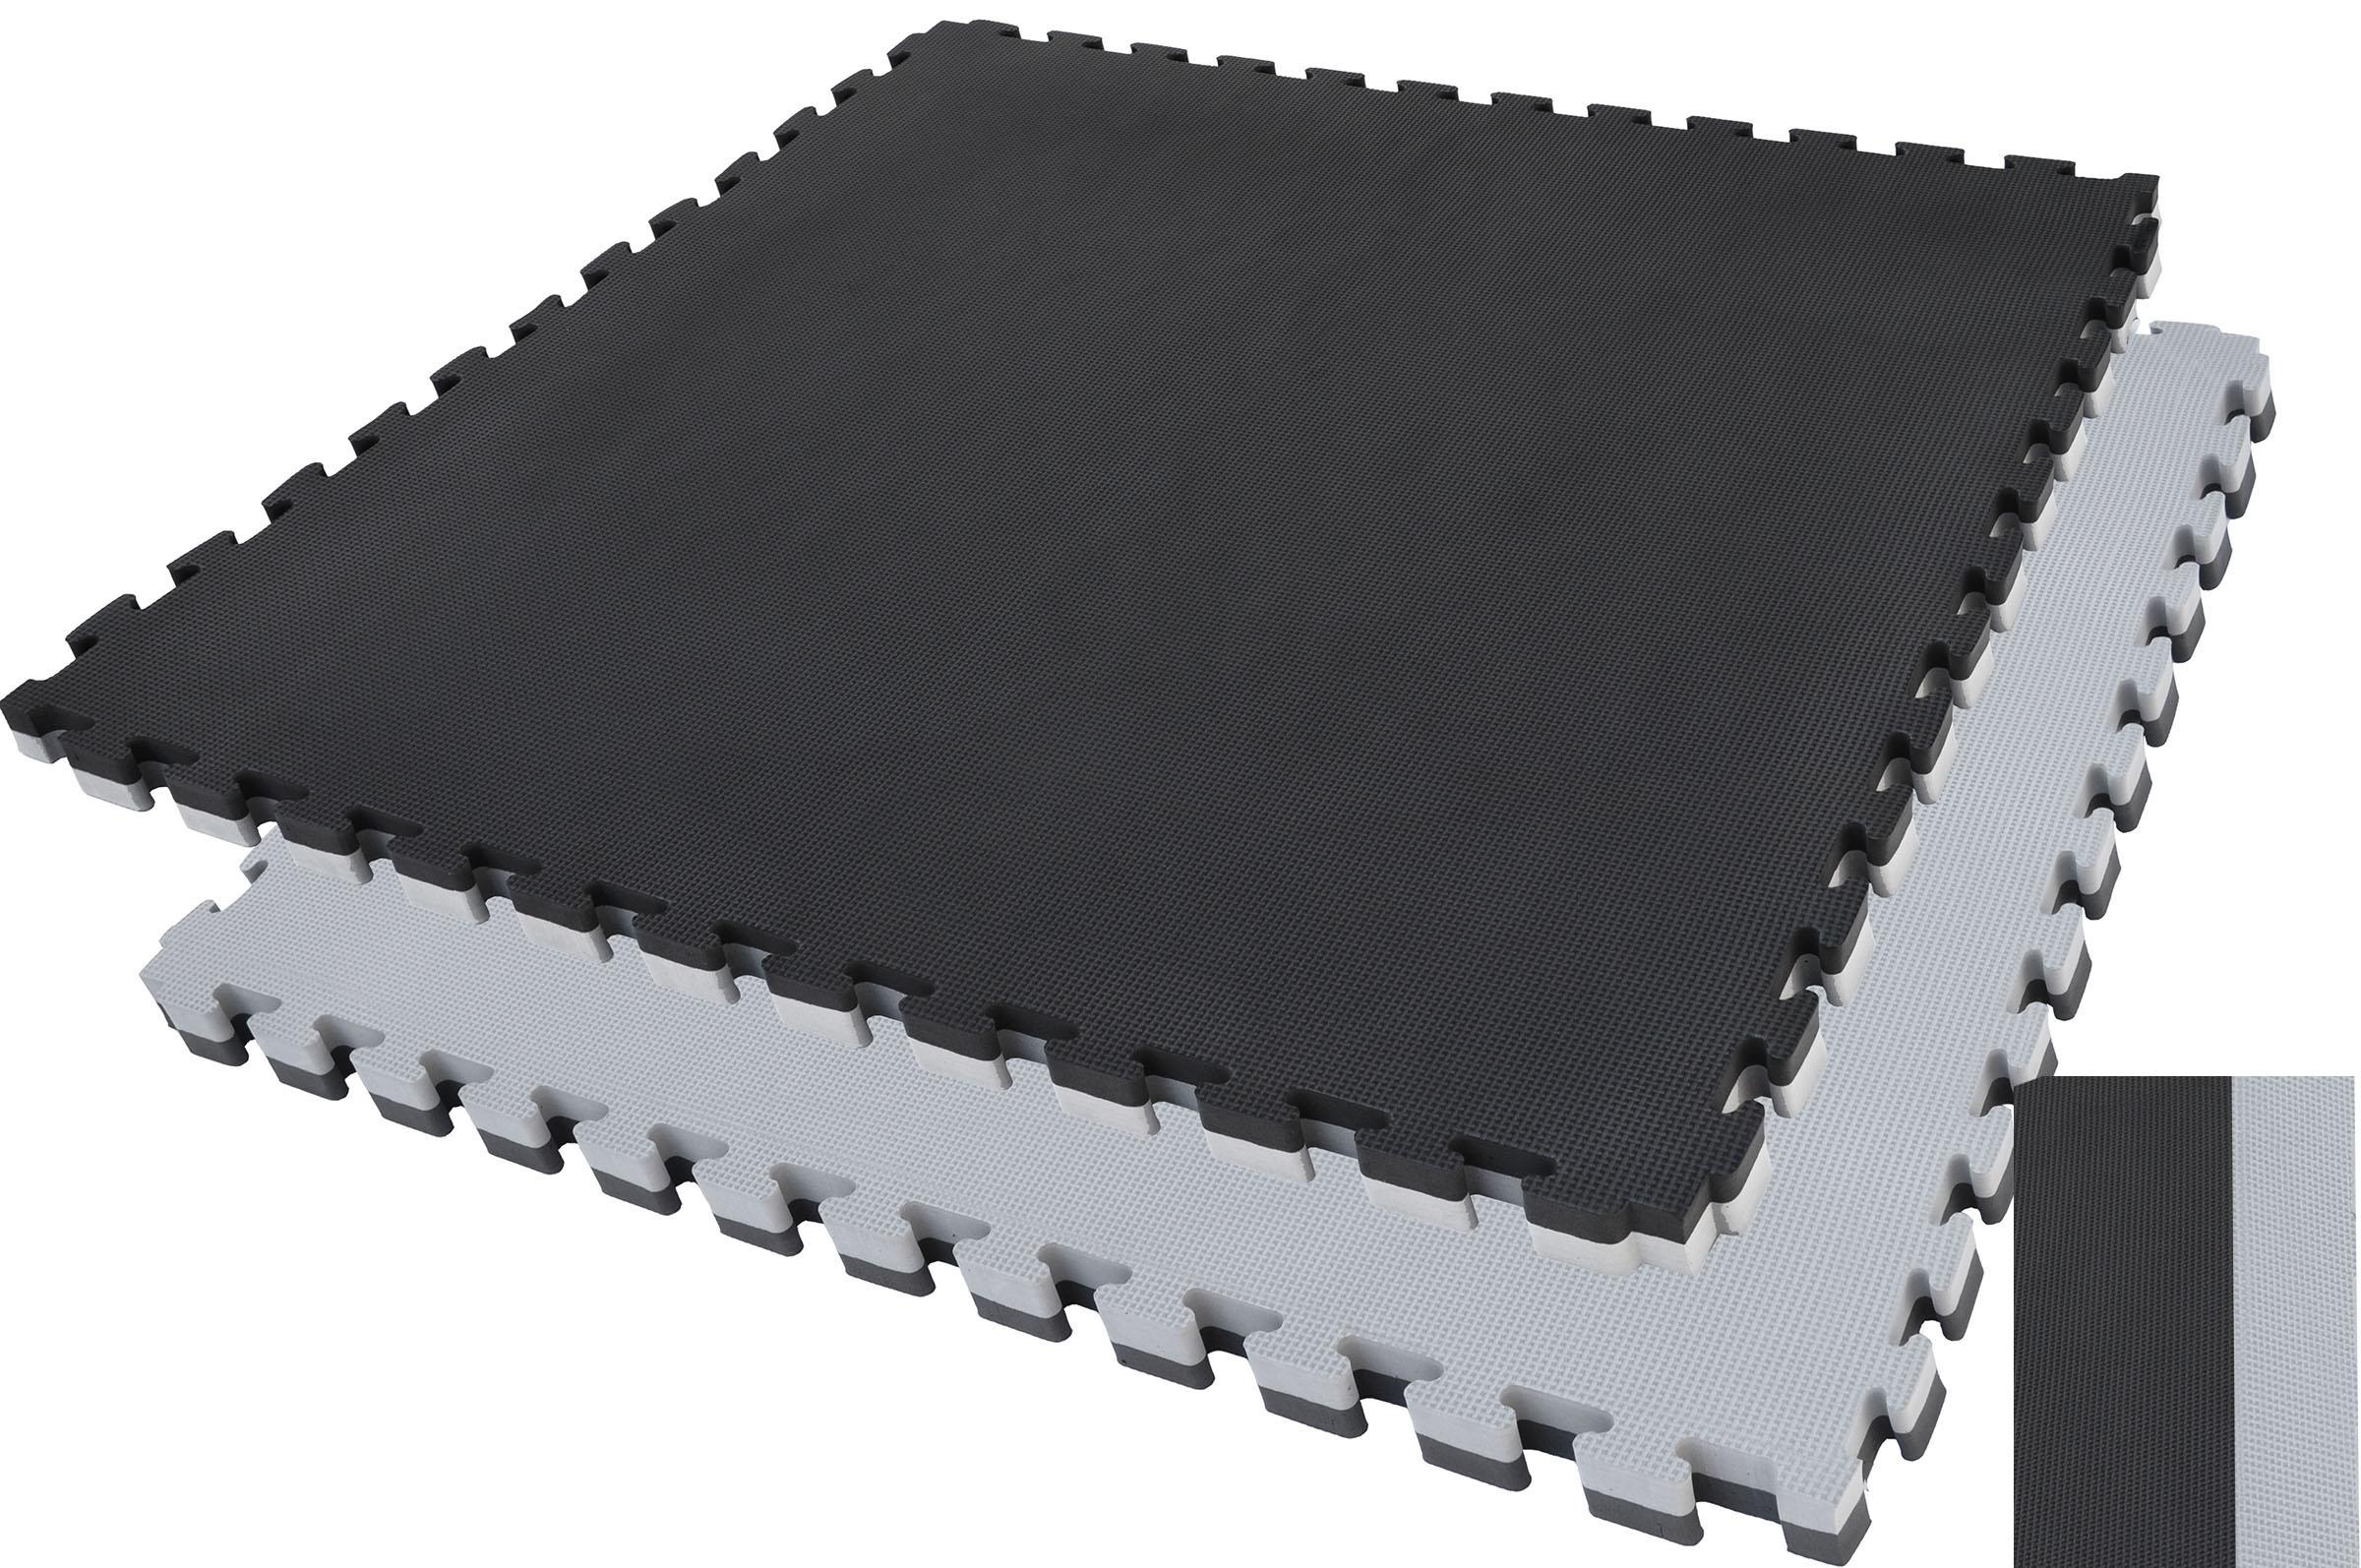 Tatamis puzzle Noir et Gris 2.5 cm finition T